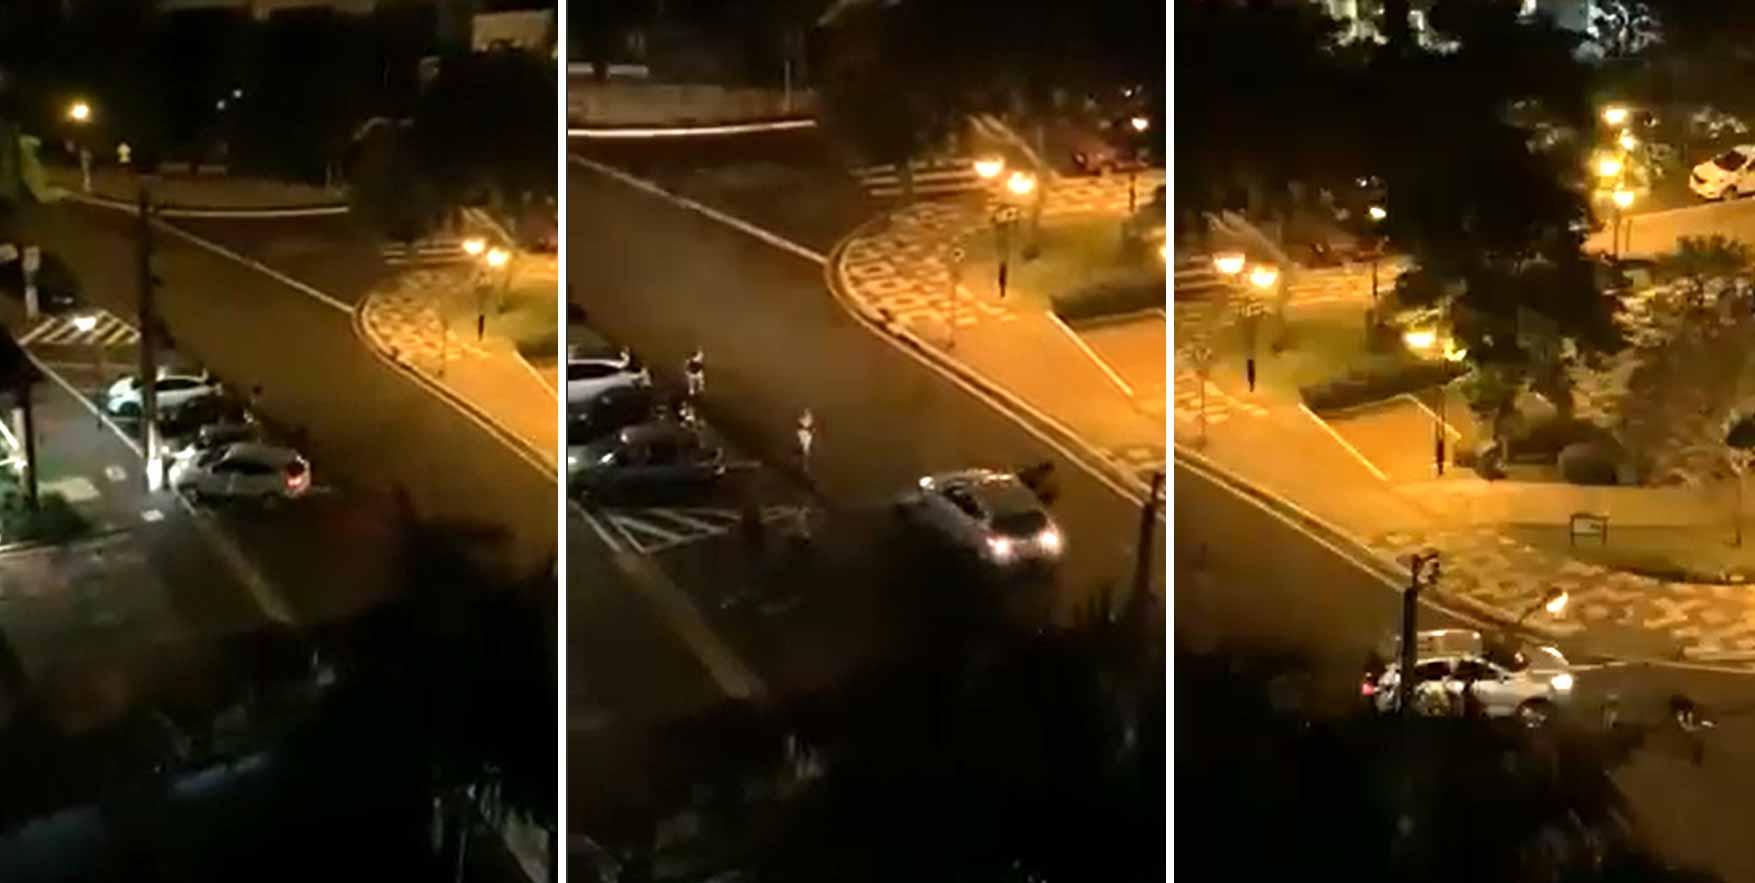 Jovem é atropelado 2 vezes ao tentar separar briga de casal em Londrina; veja o vídeo. Foto: Reprodução Whatsapp